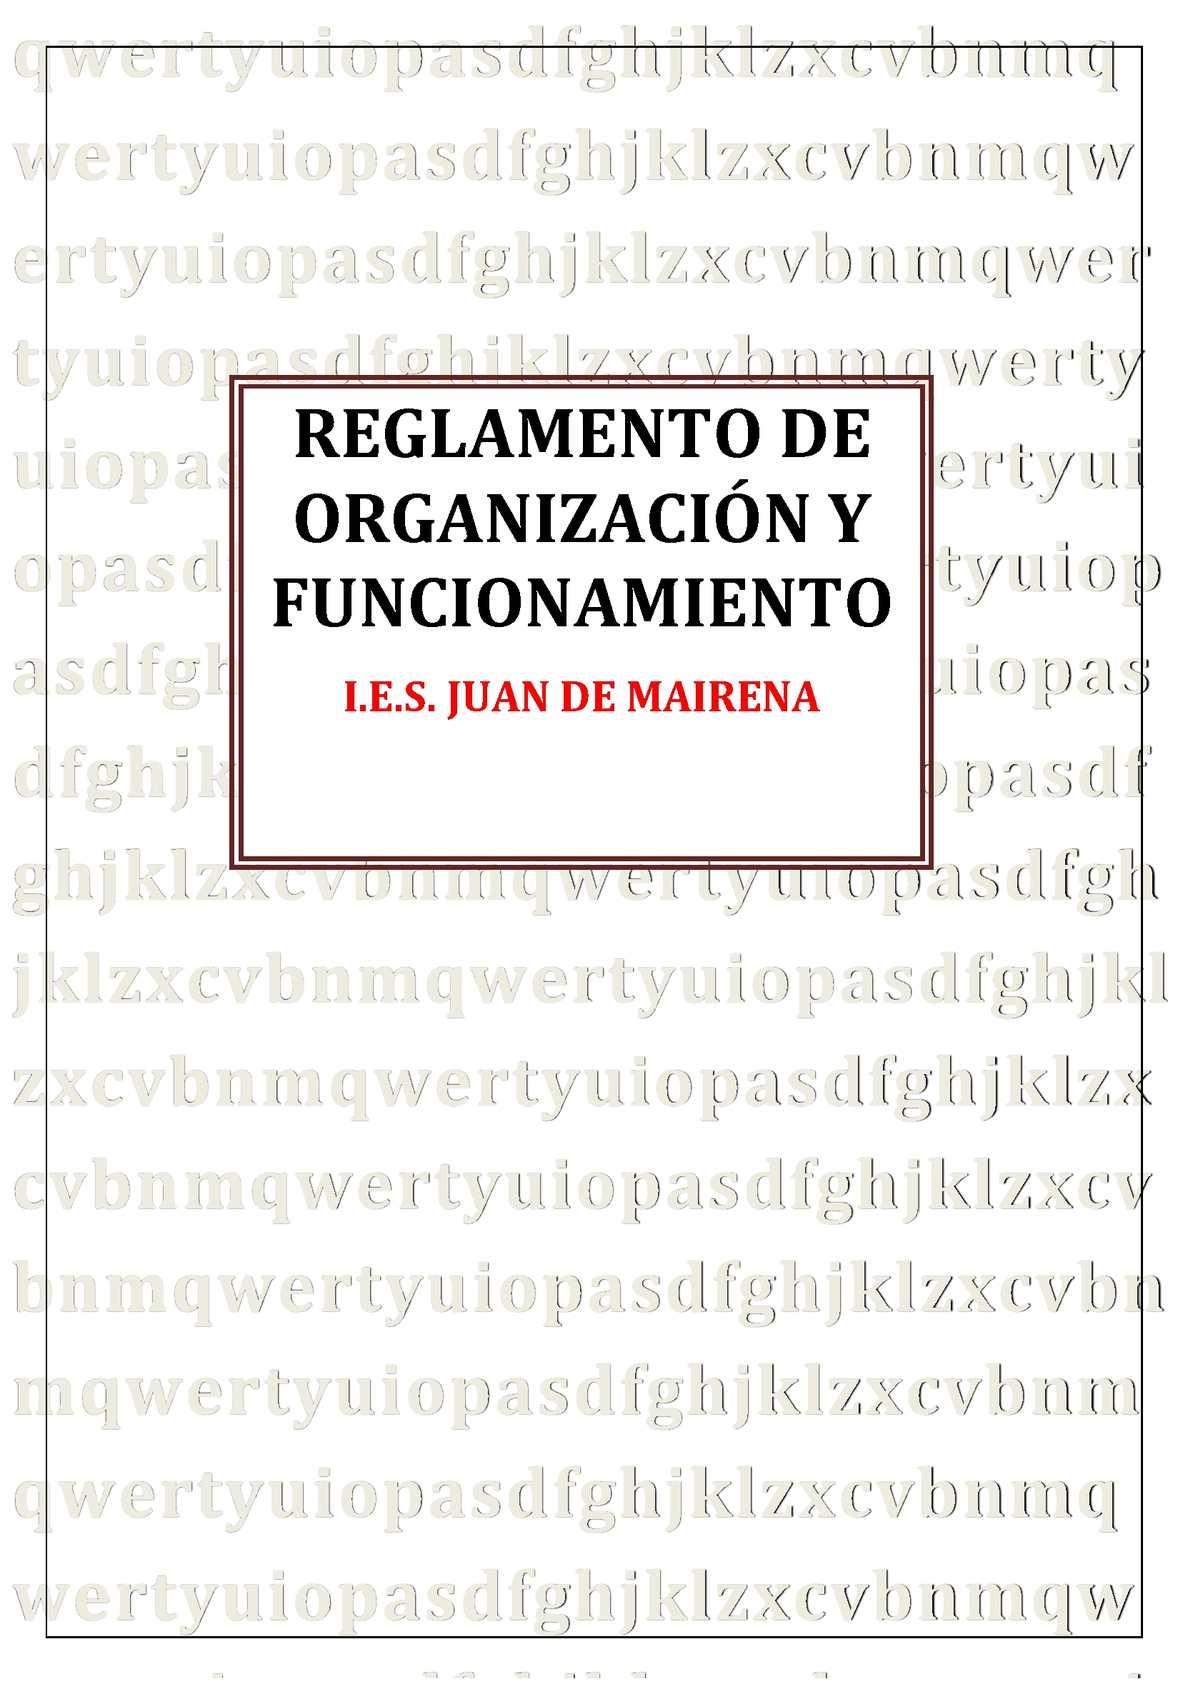 Reglamento de organización y funcionamiento